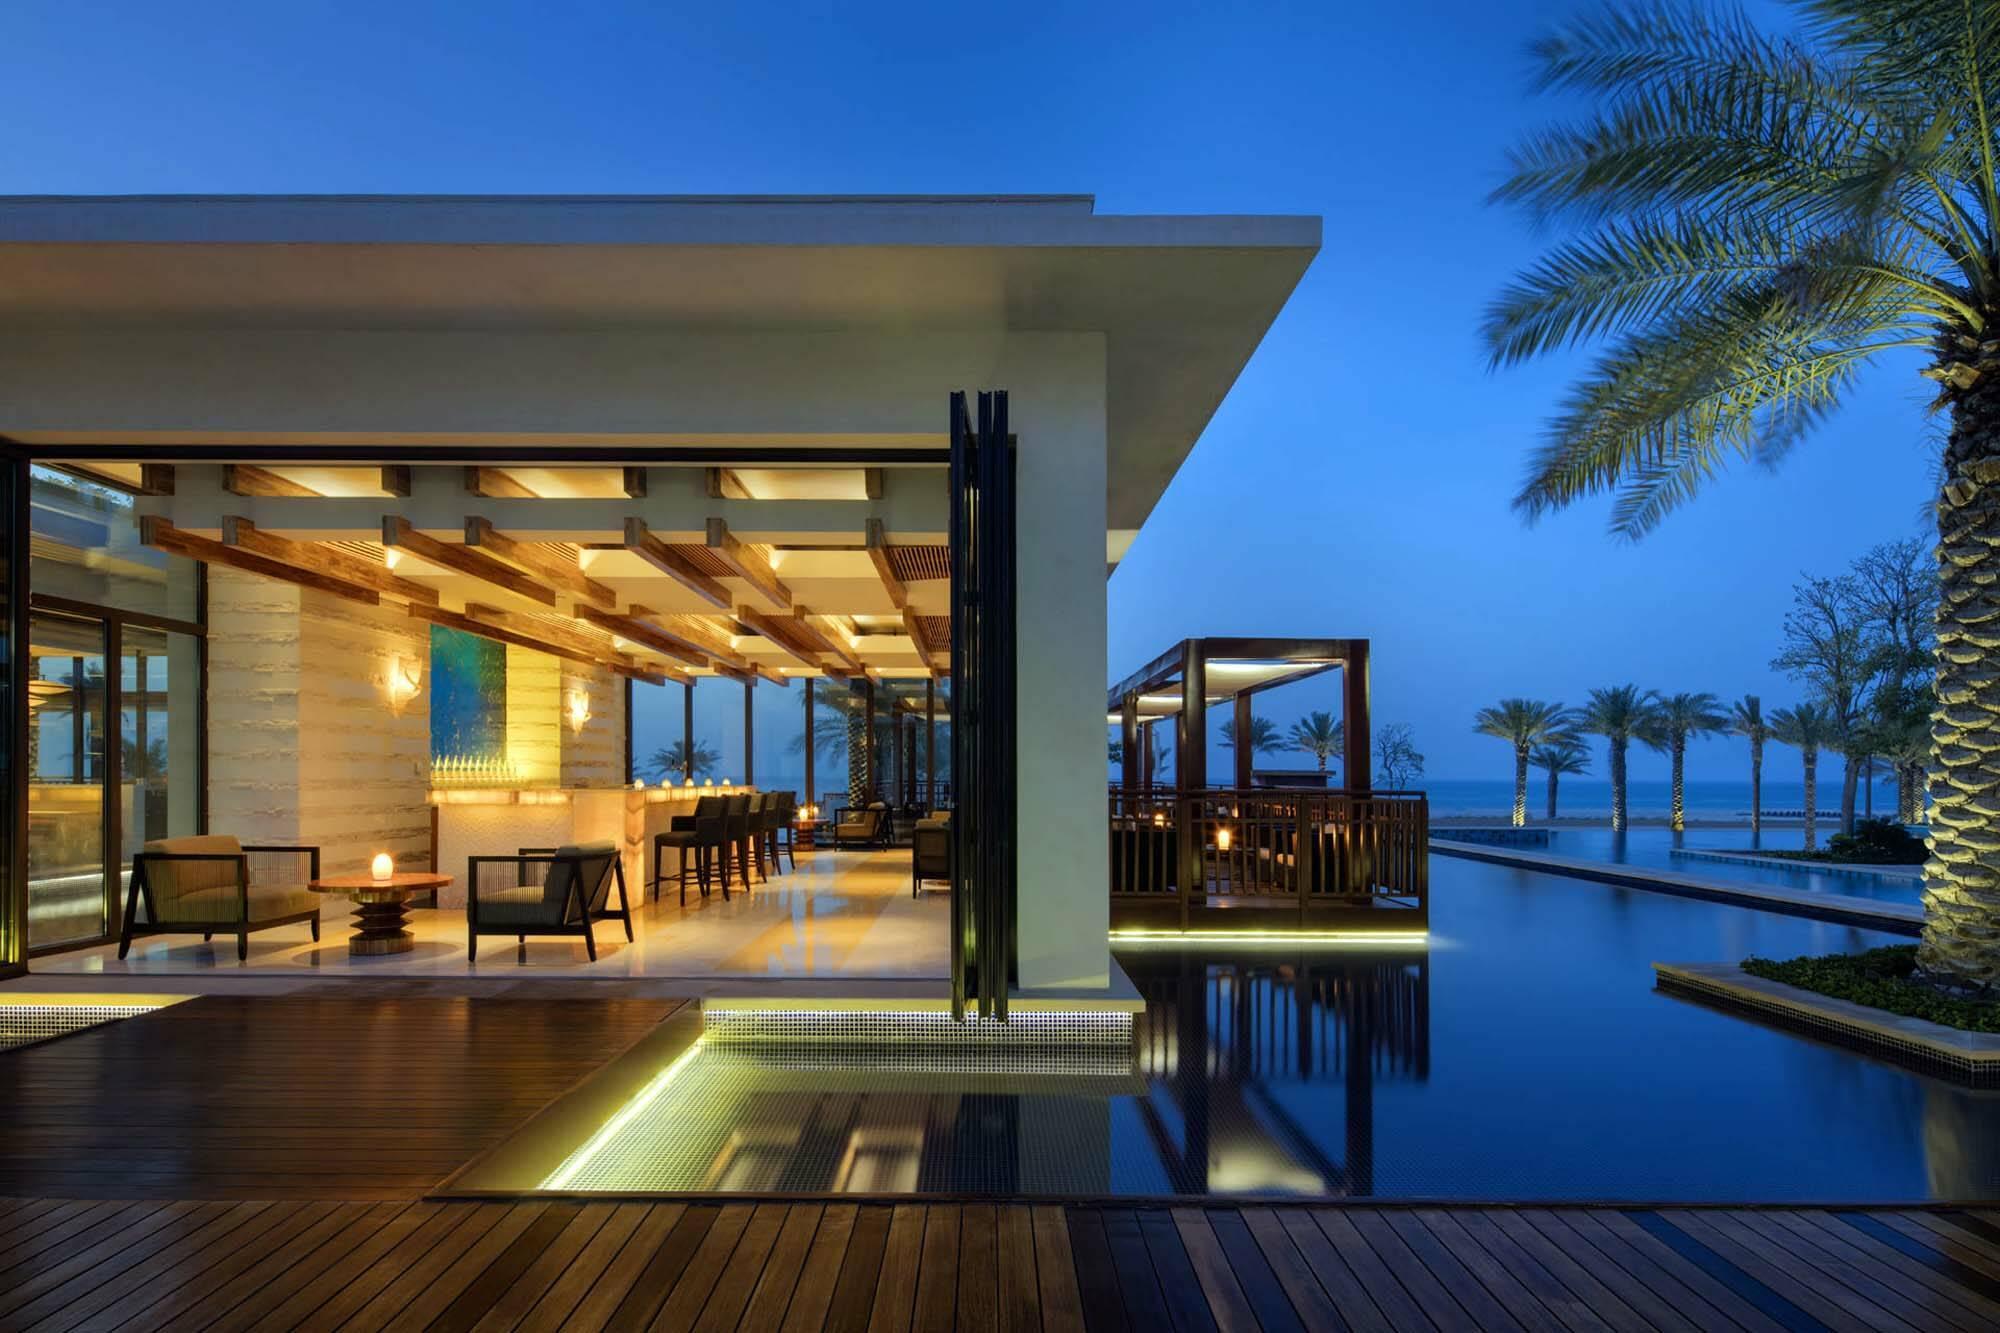 Saint Regis Saadiyat Abu Dhabi bar sontaya